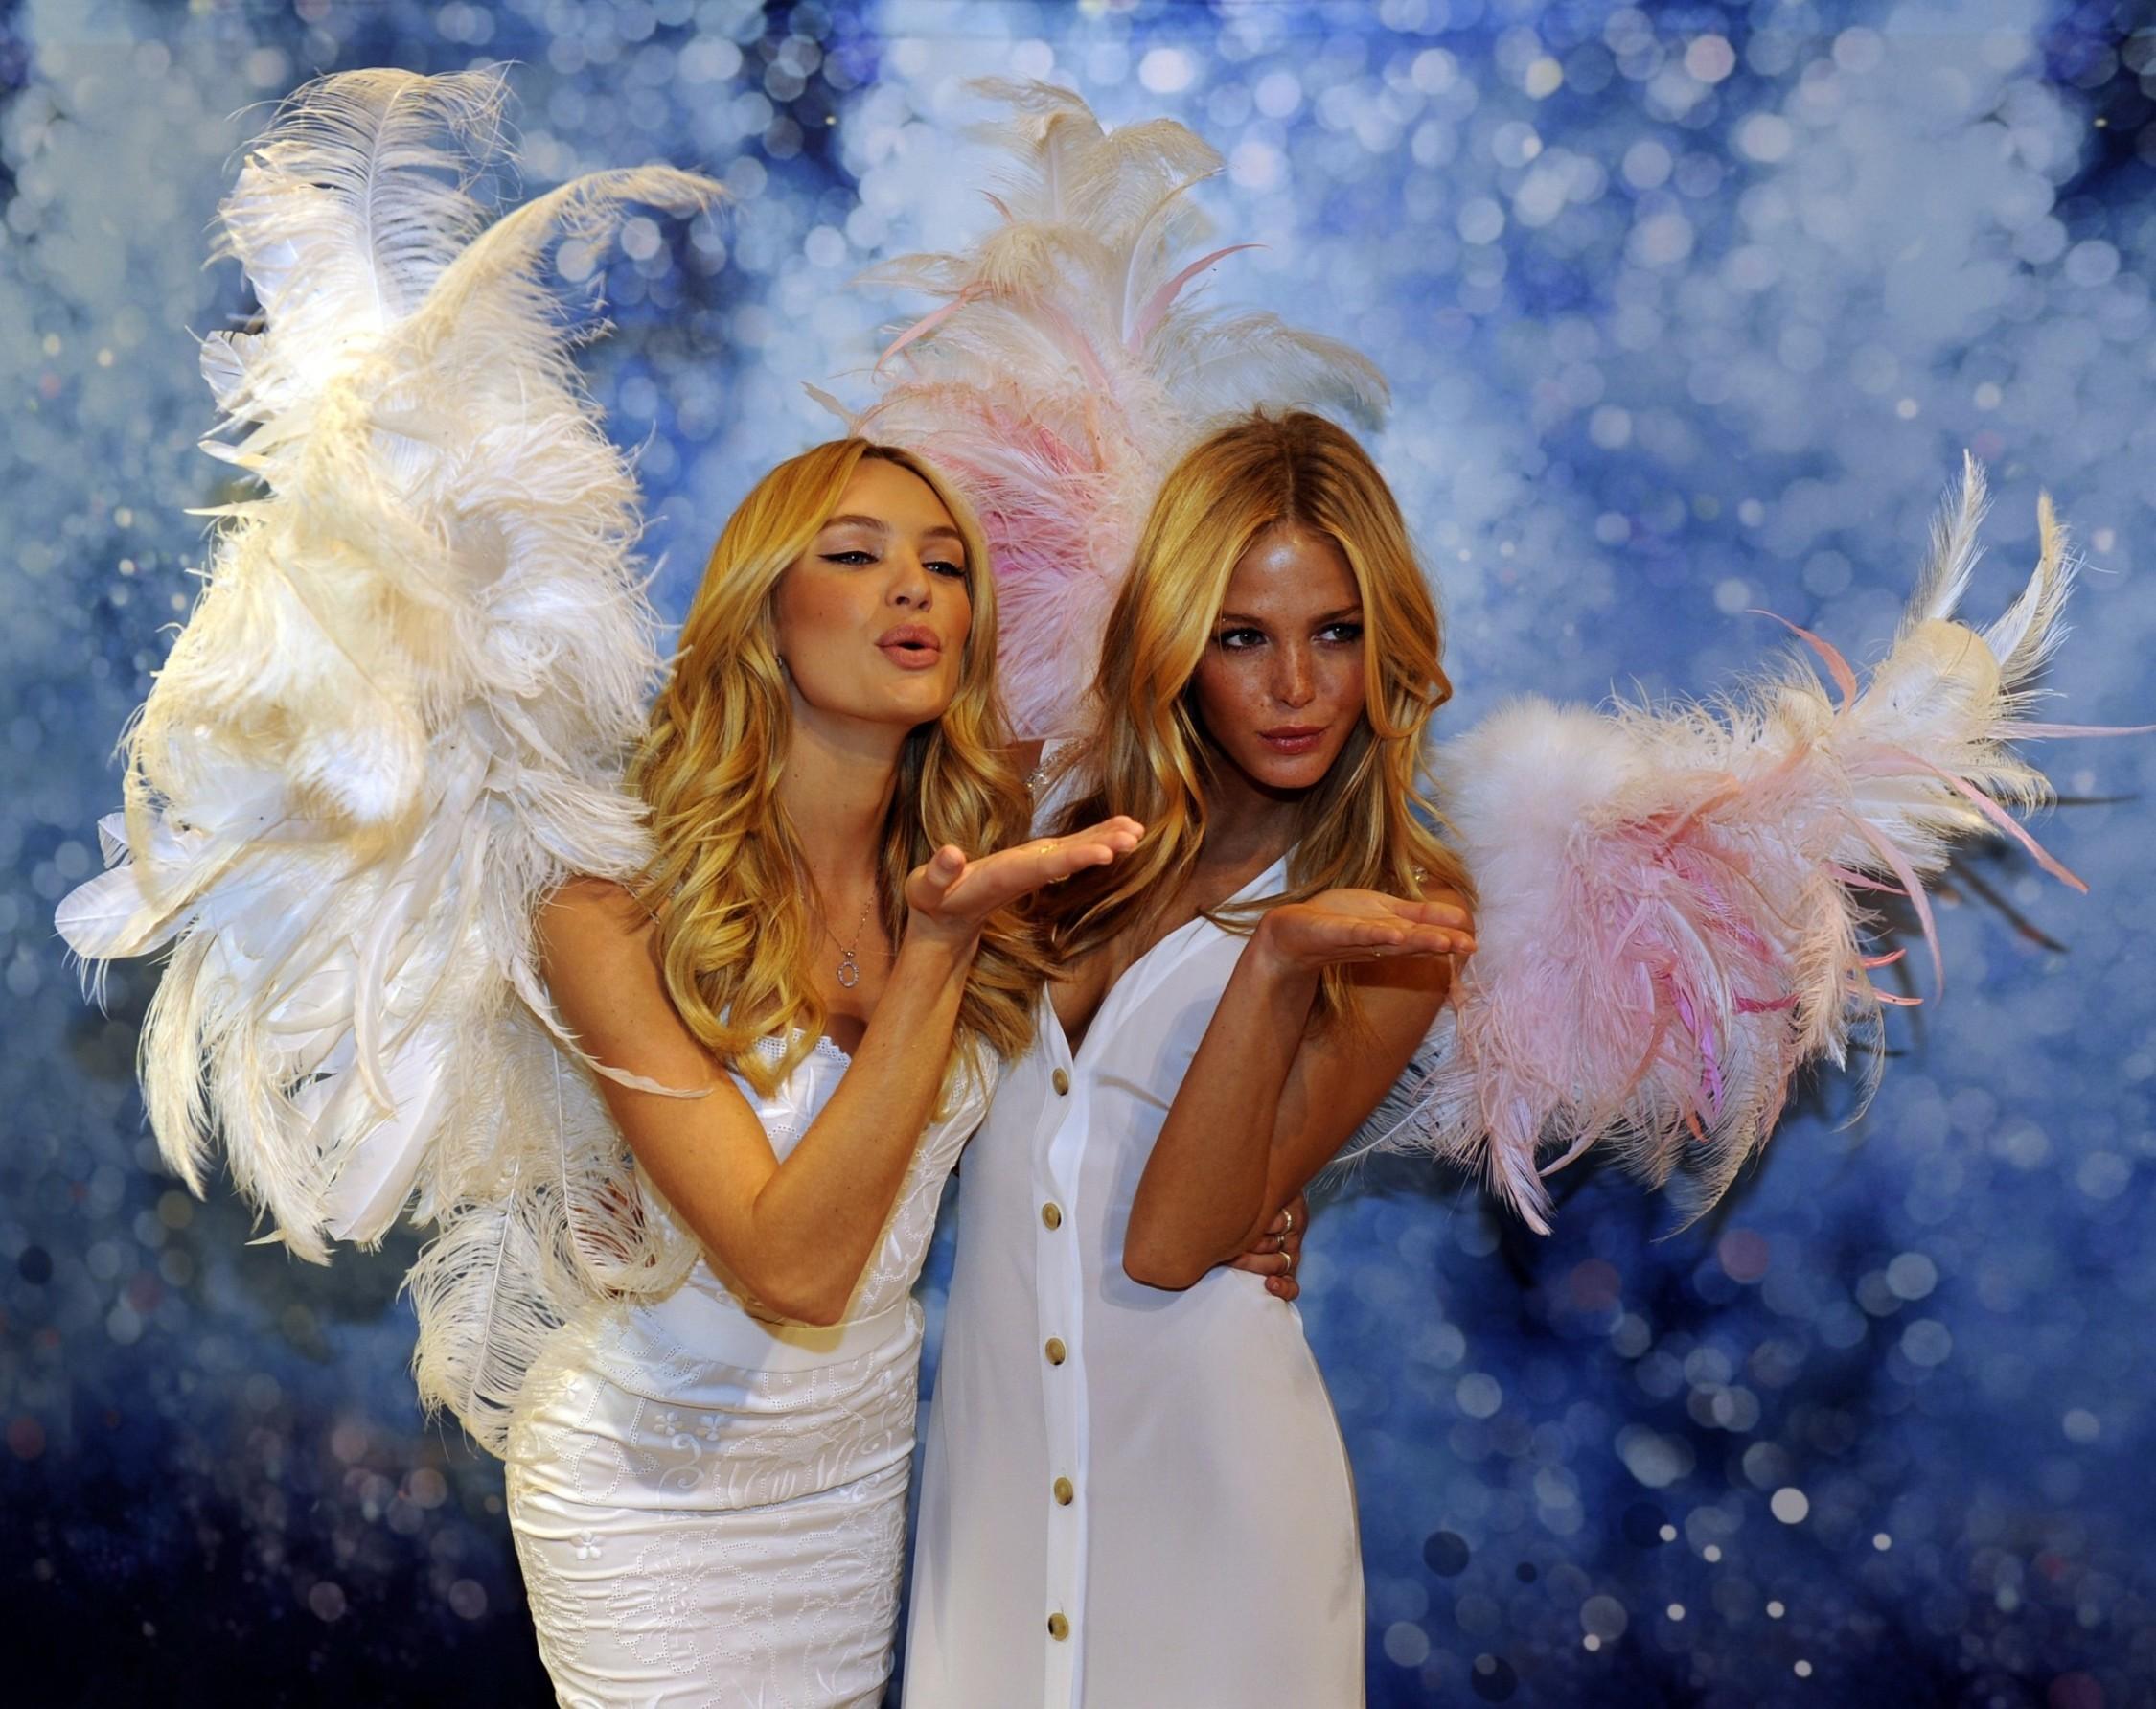 Victorias Secret Angel Wings Wallpaper Model Full HD Wallpape...